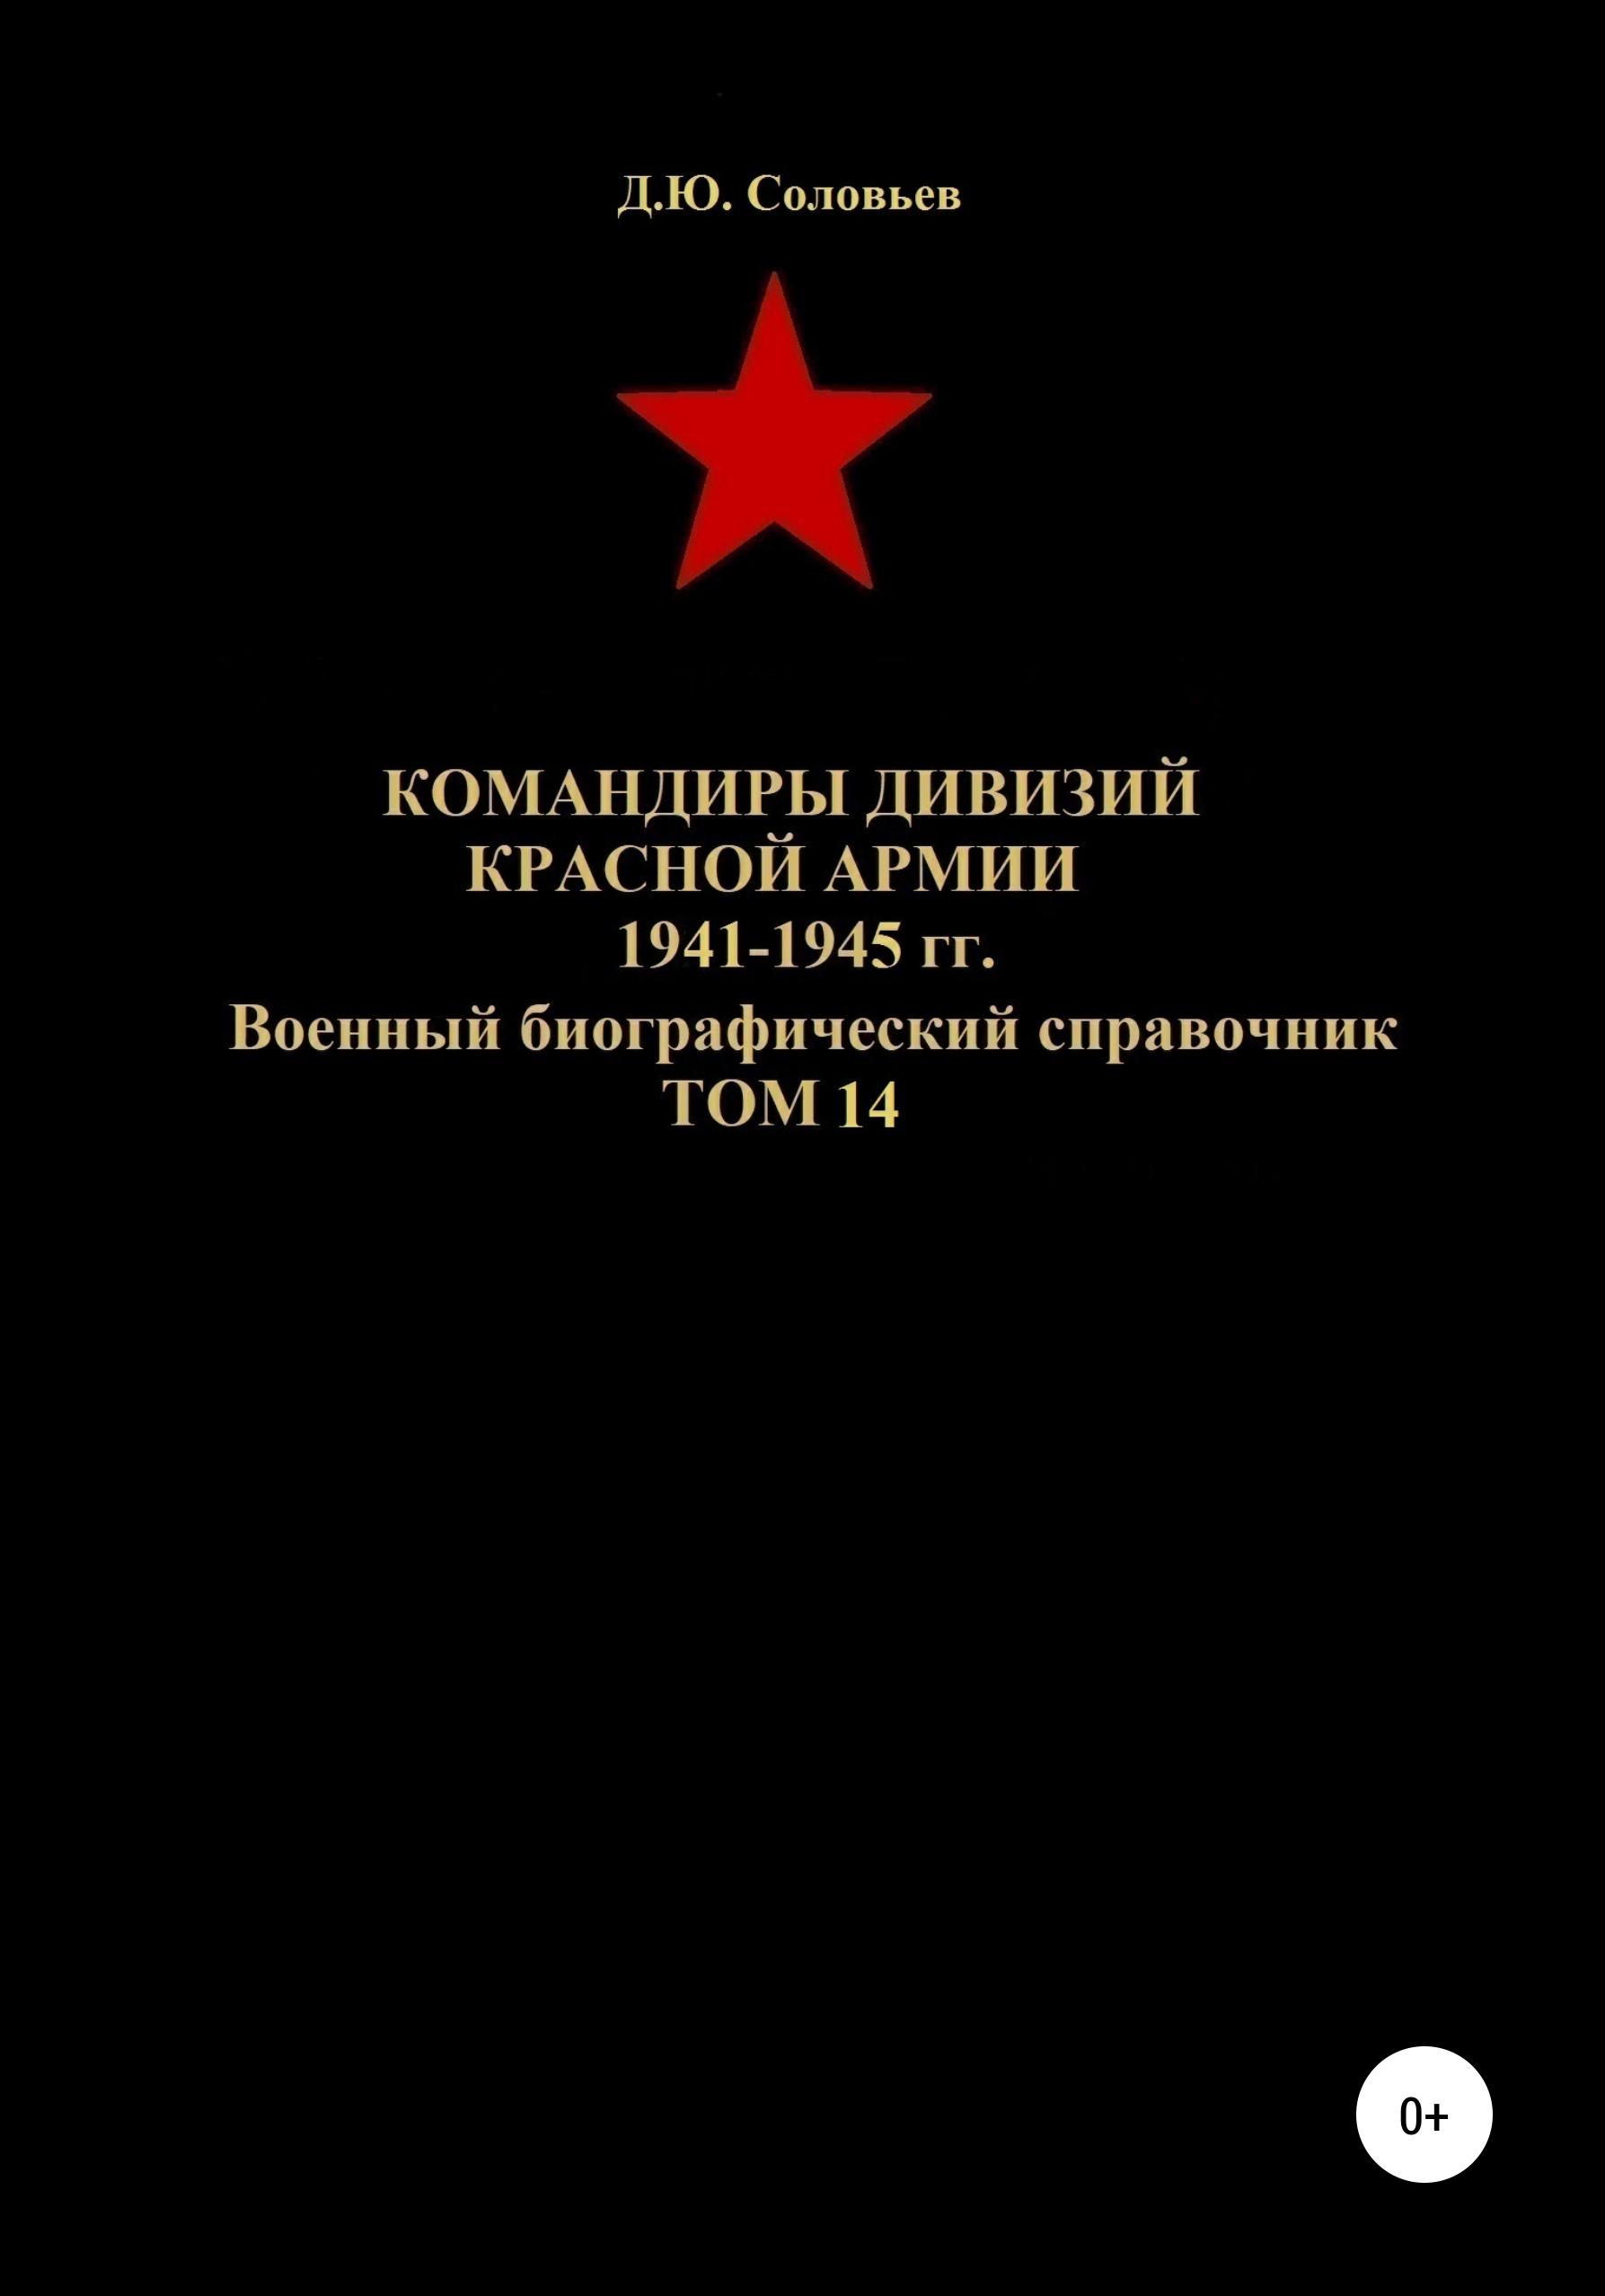 Командиры дивизий Красной Армии 1941-1945 гг. Том 14